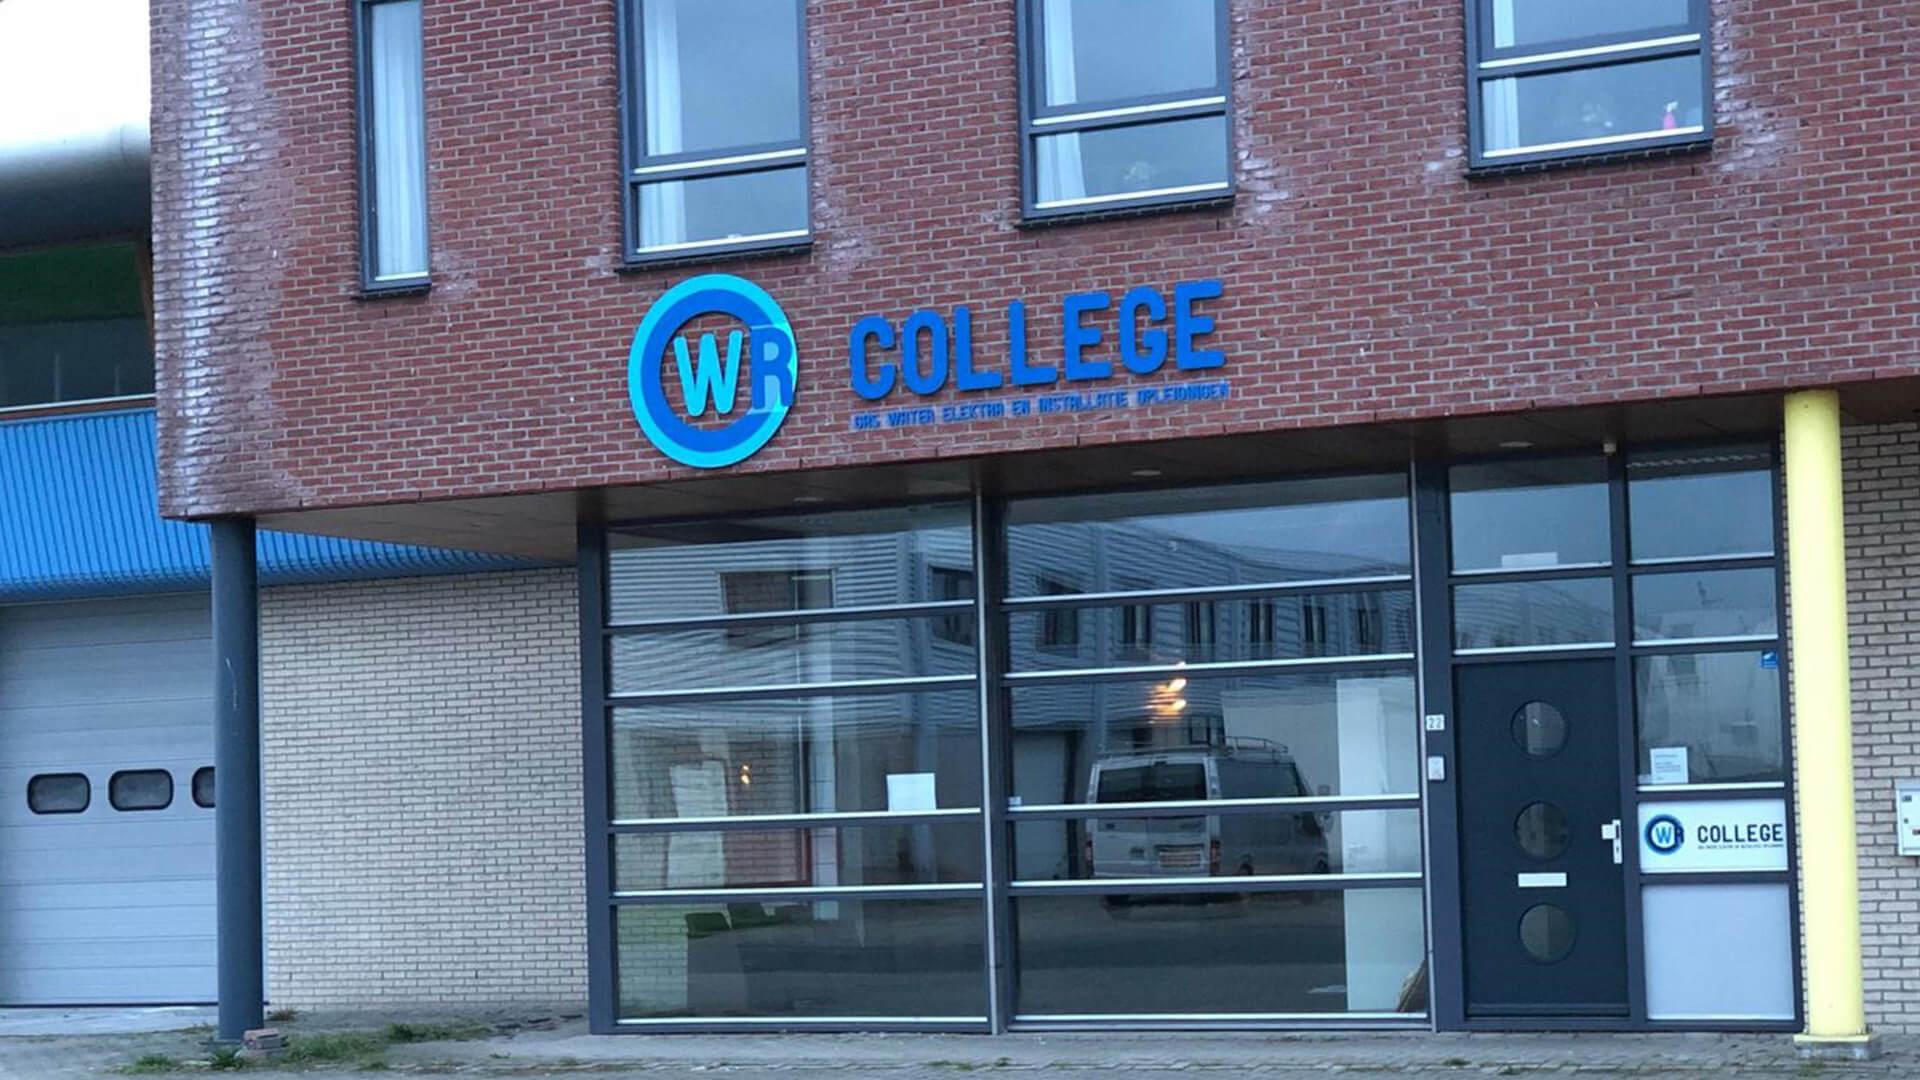 wr college gebouw